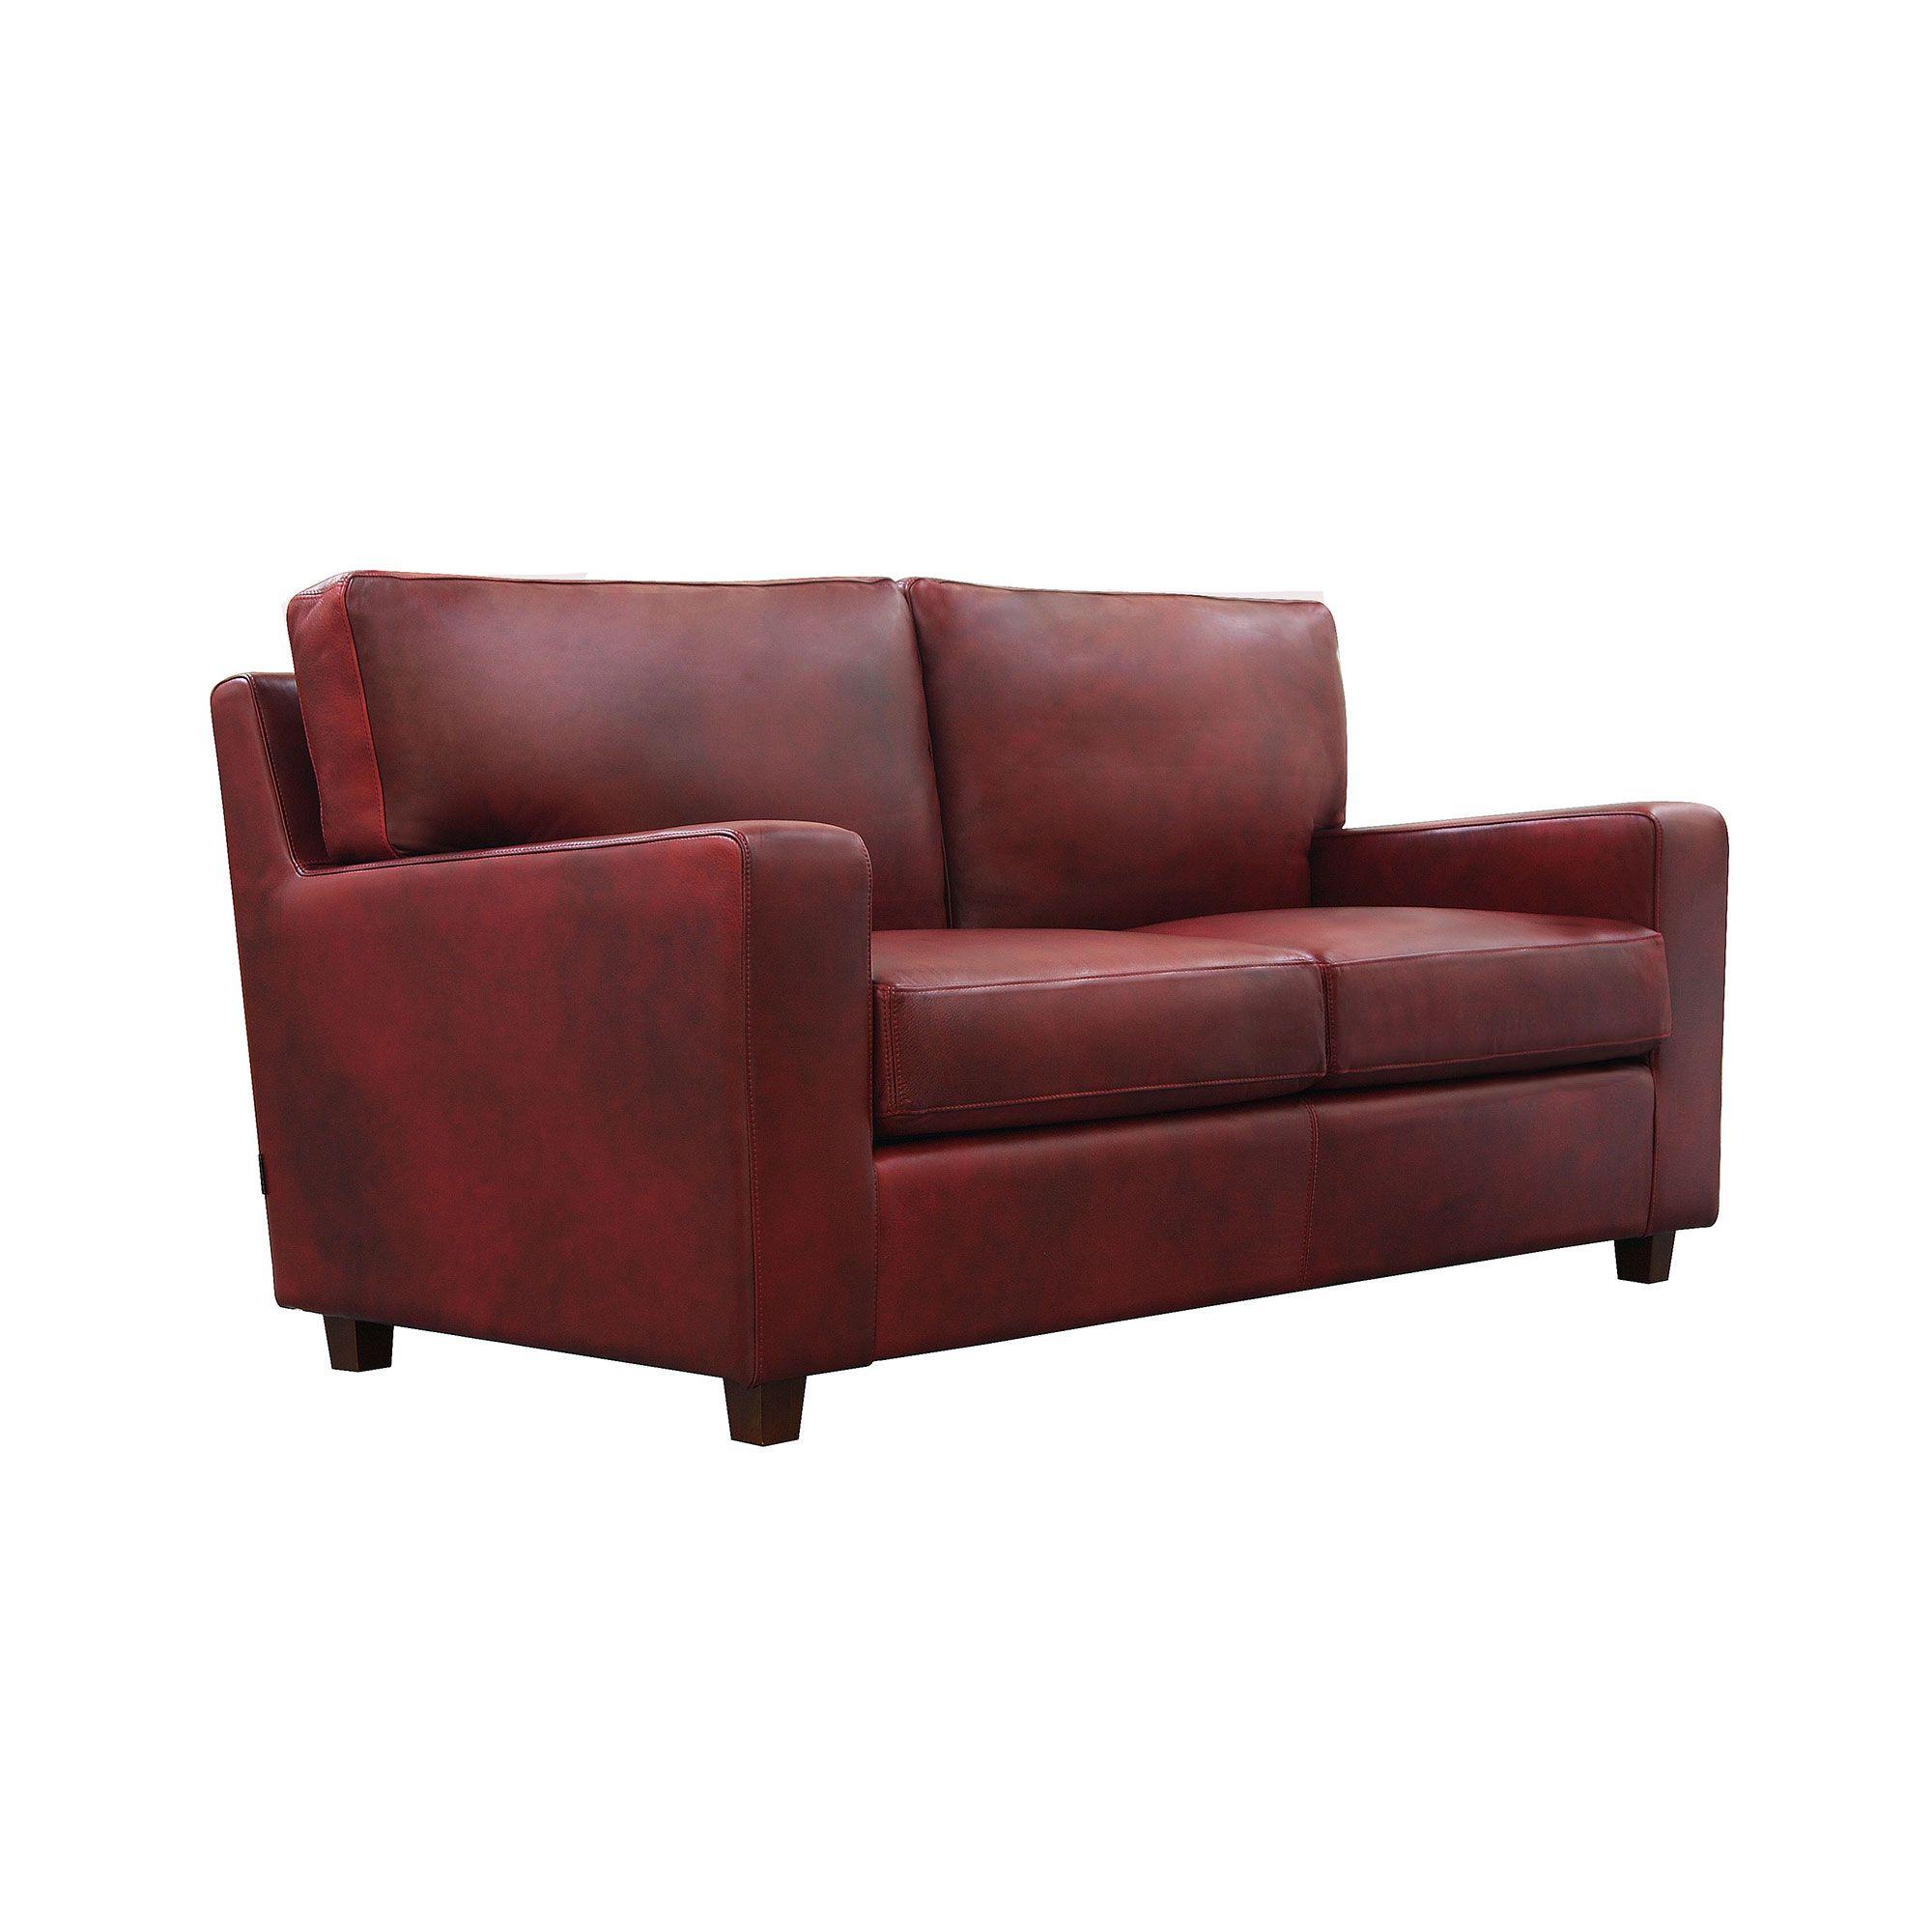 27 Schones 3 Sitzer Sofa Grosse Sessel Mit Hocker Sofa Mobel Sofa